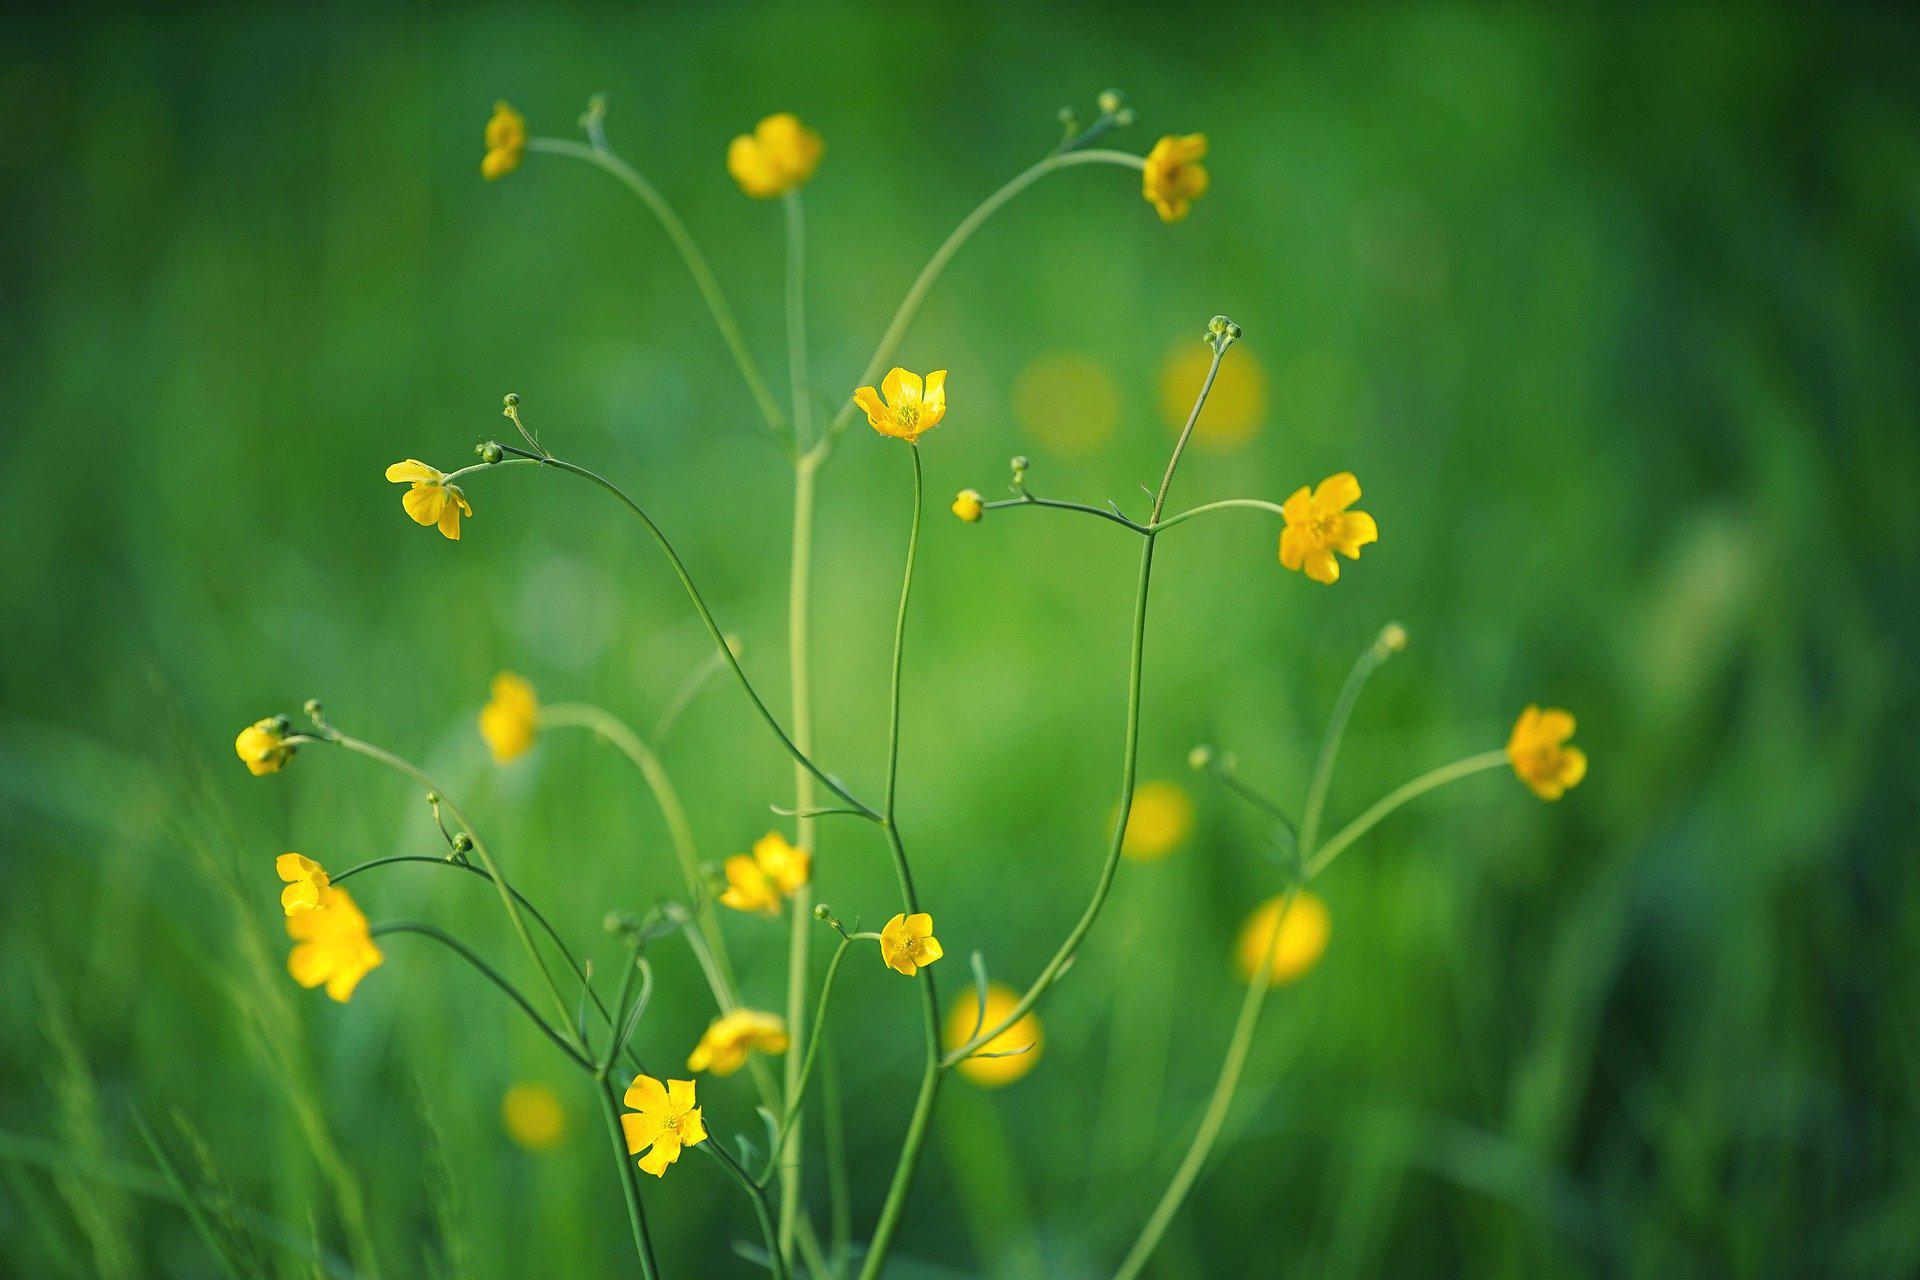 Keväisen vihreällä niityllä kasvaa hentoja keltaisia Niittyleinikkin kukkia.